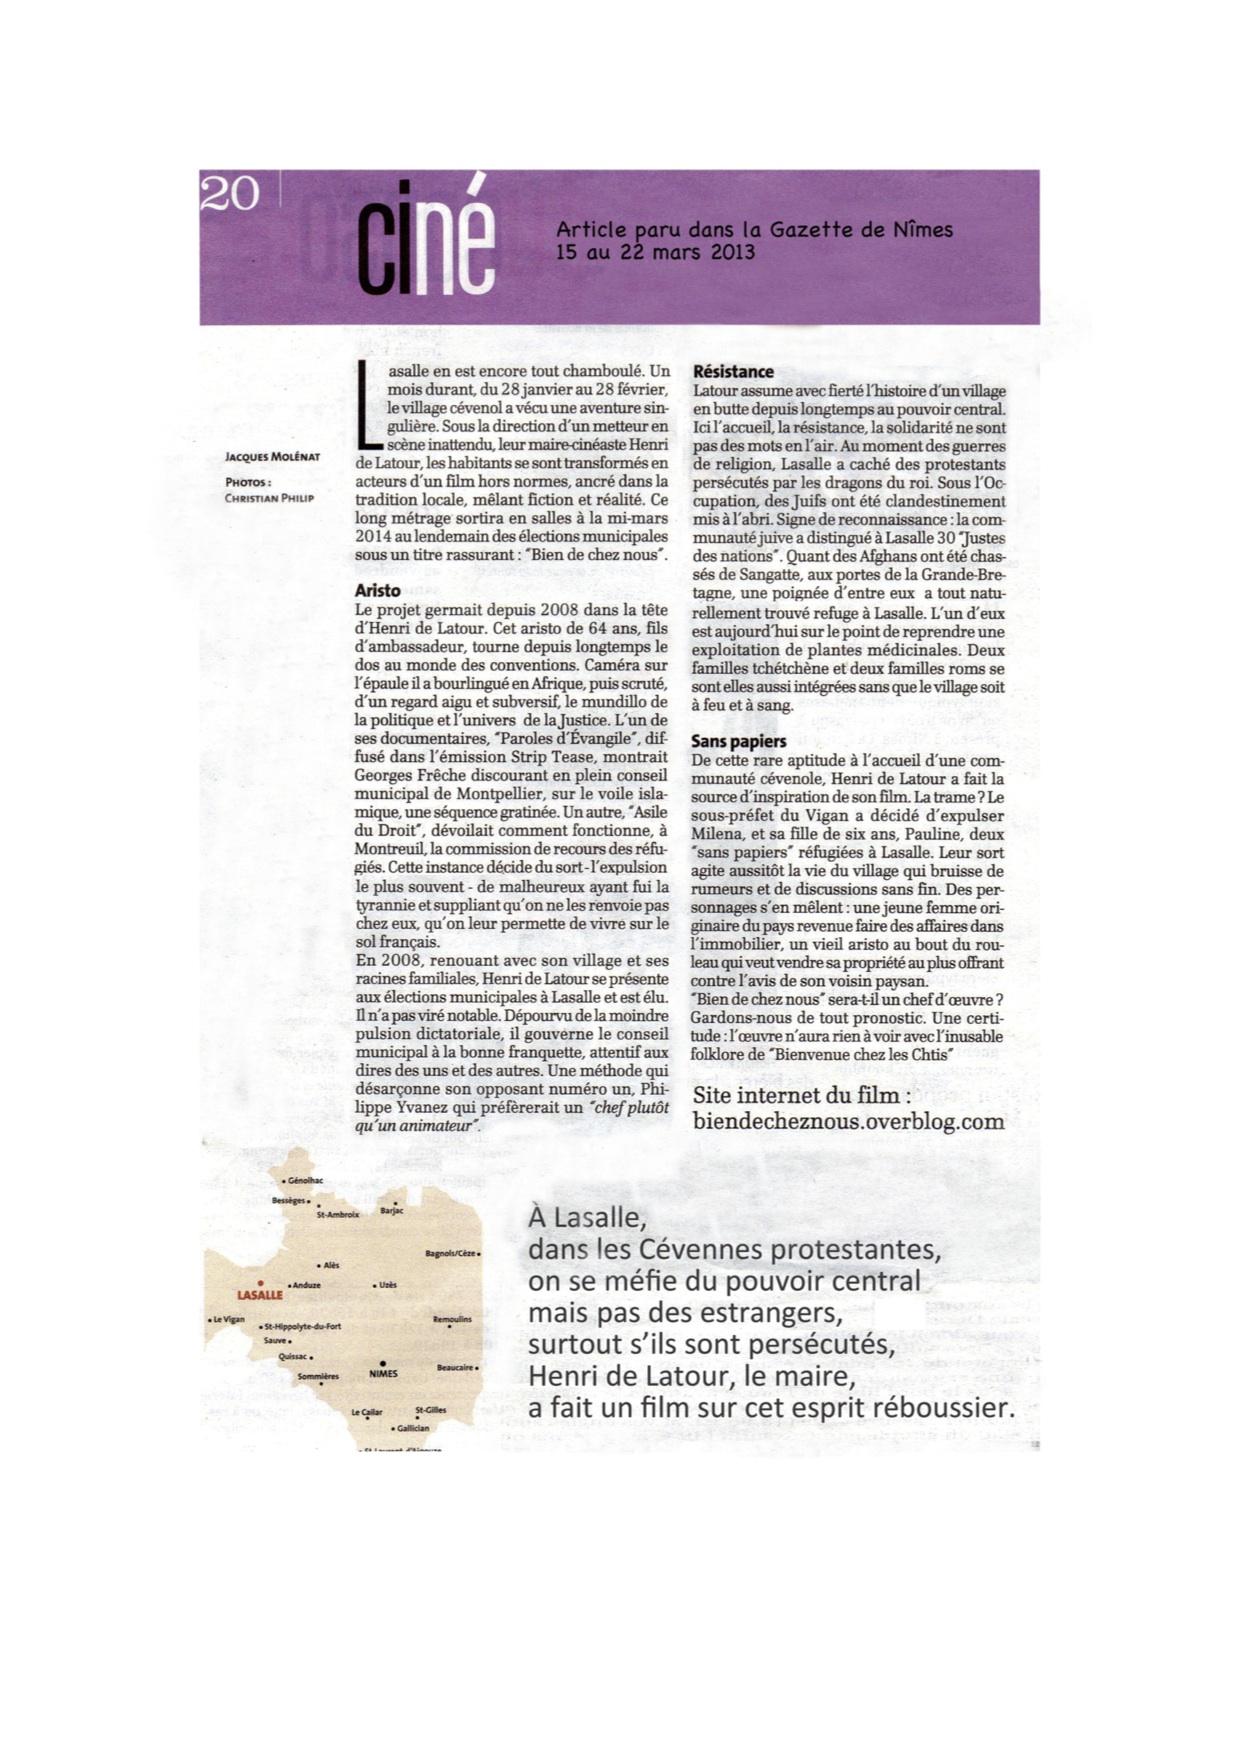 BDCN-gazette-nimes-25-mars-2013.jpg